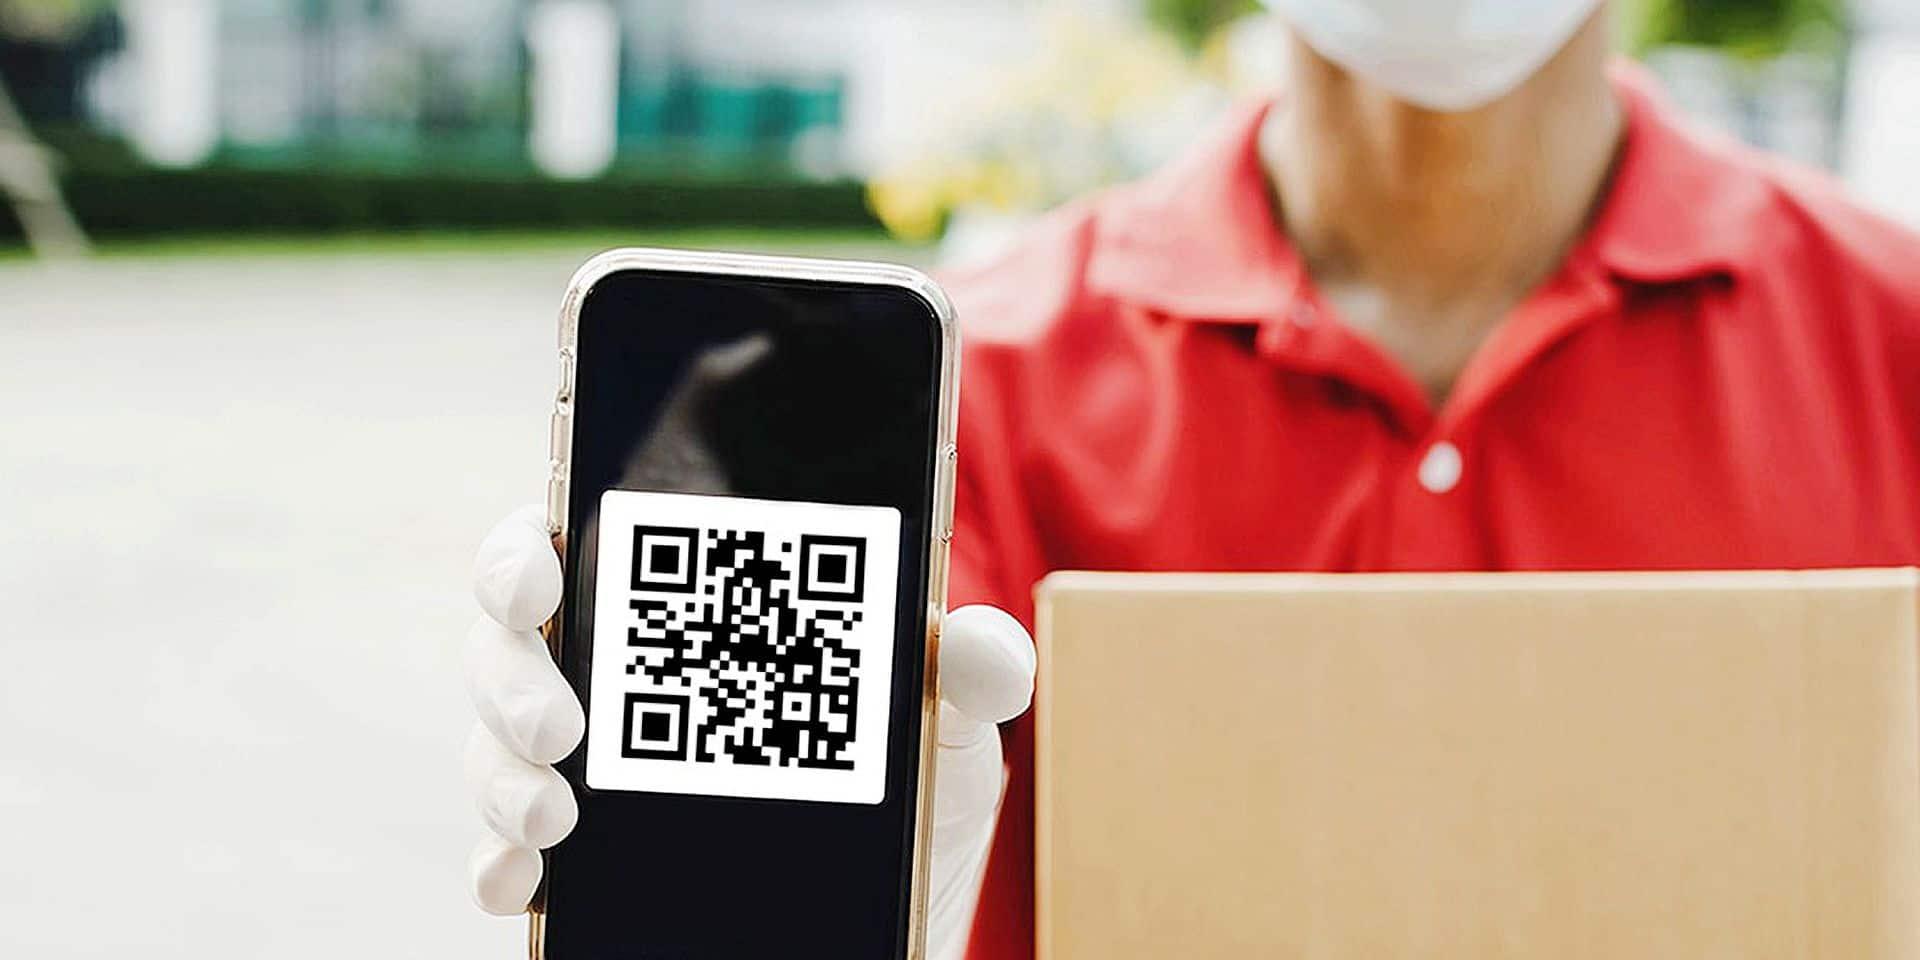 On constate une augmentation marquée de la cyberfraude, notamment des escroqueries par hameçonnage, qui exploitent la confiance des consommateurs.